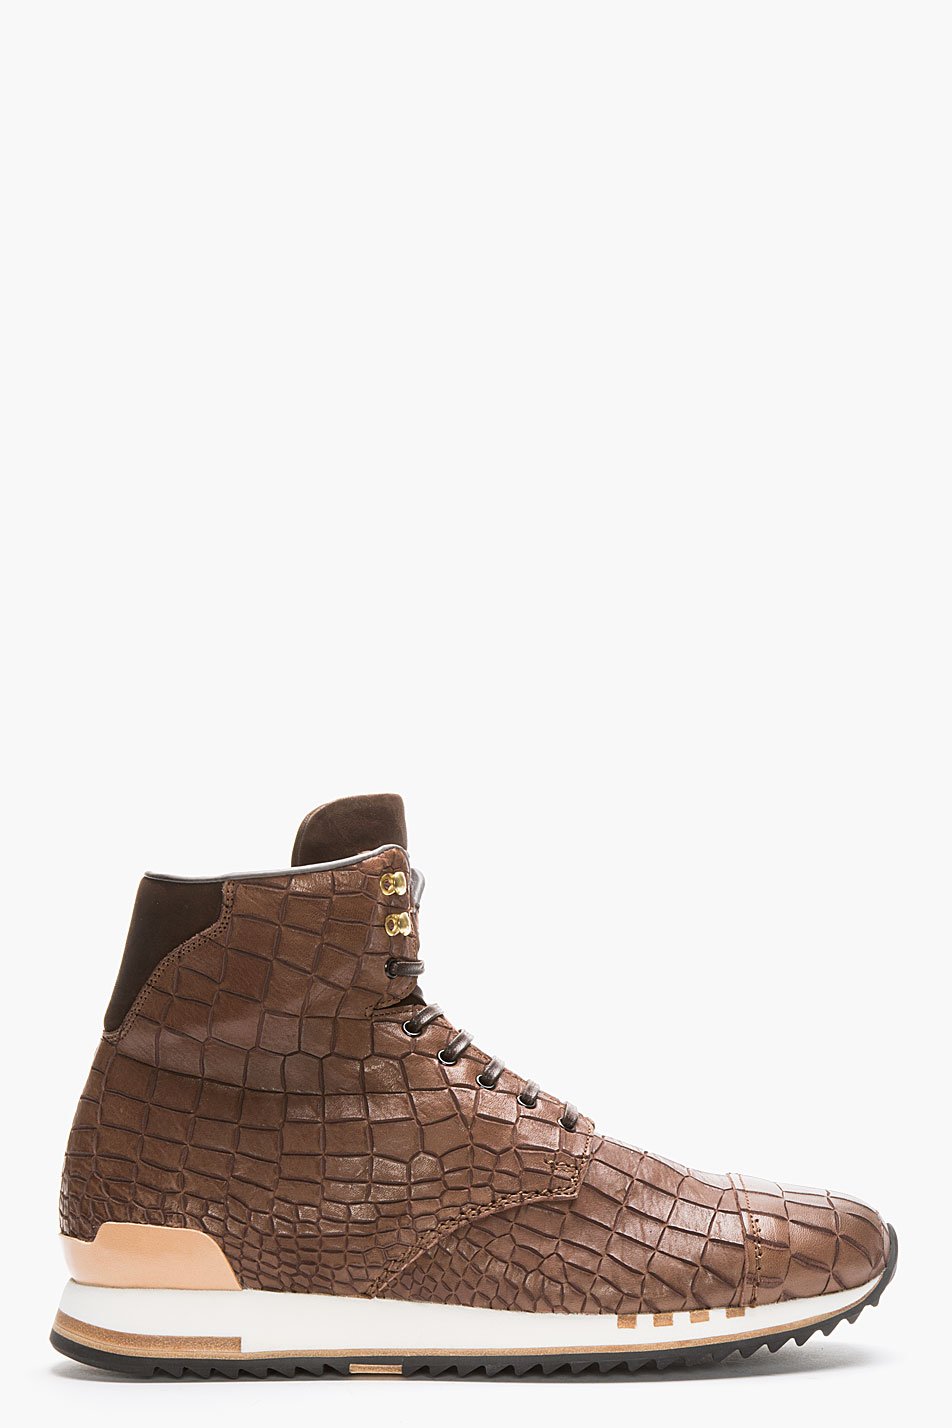 Croc-Embossed Hi-Top Sneakers Alexander McQueen style 4